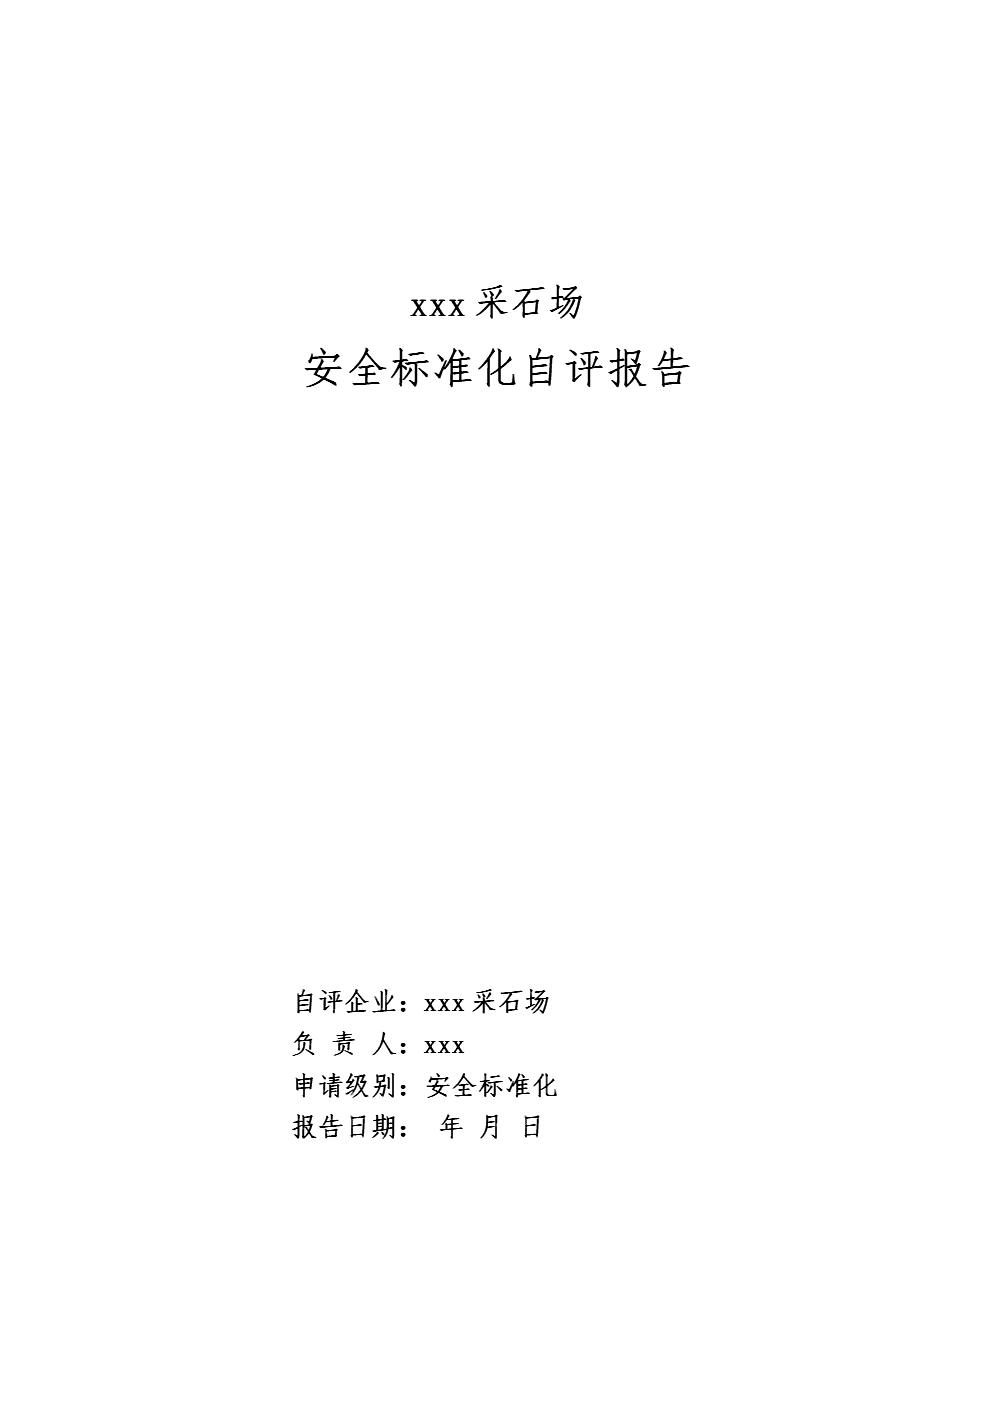 某x非煤矿山安全标准化自评报告.doc